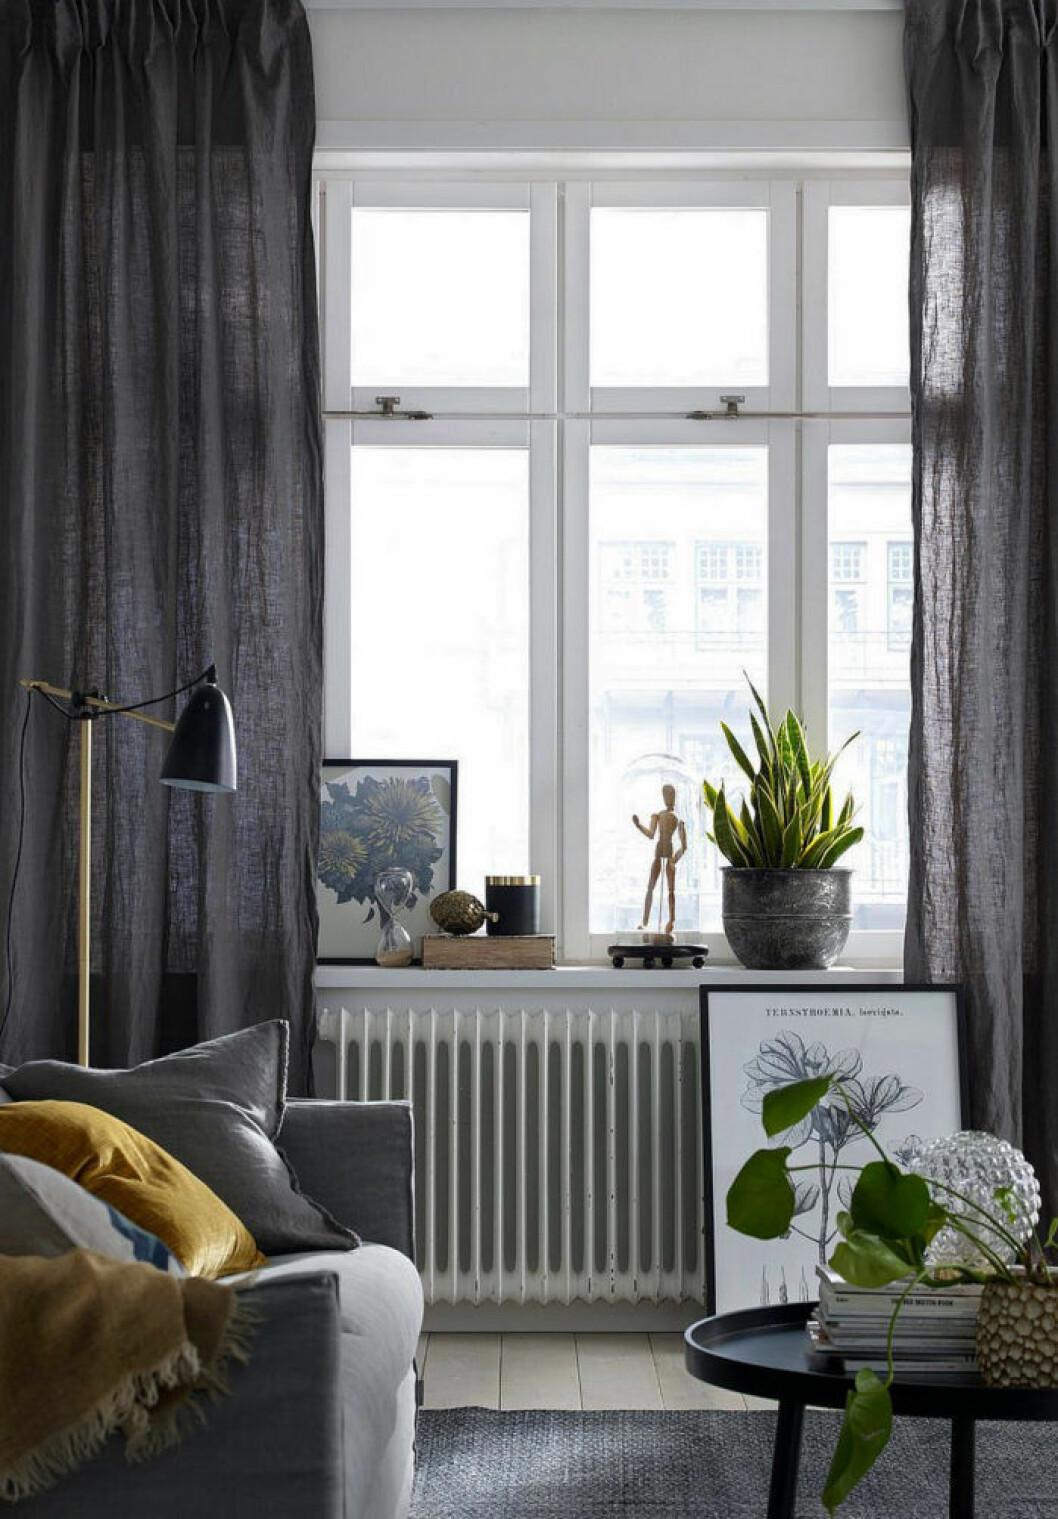 Mörkgråa gardiner som ramar in fönstret